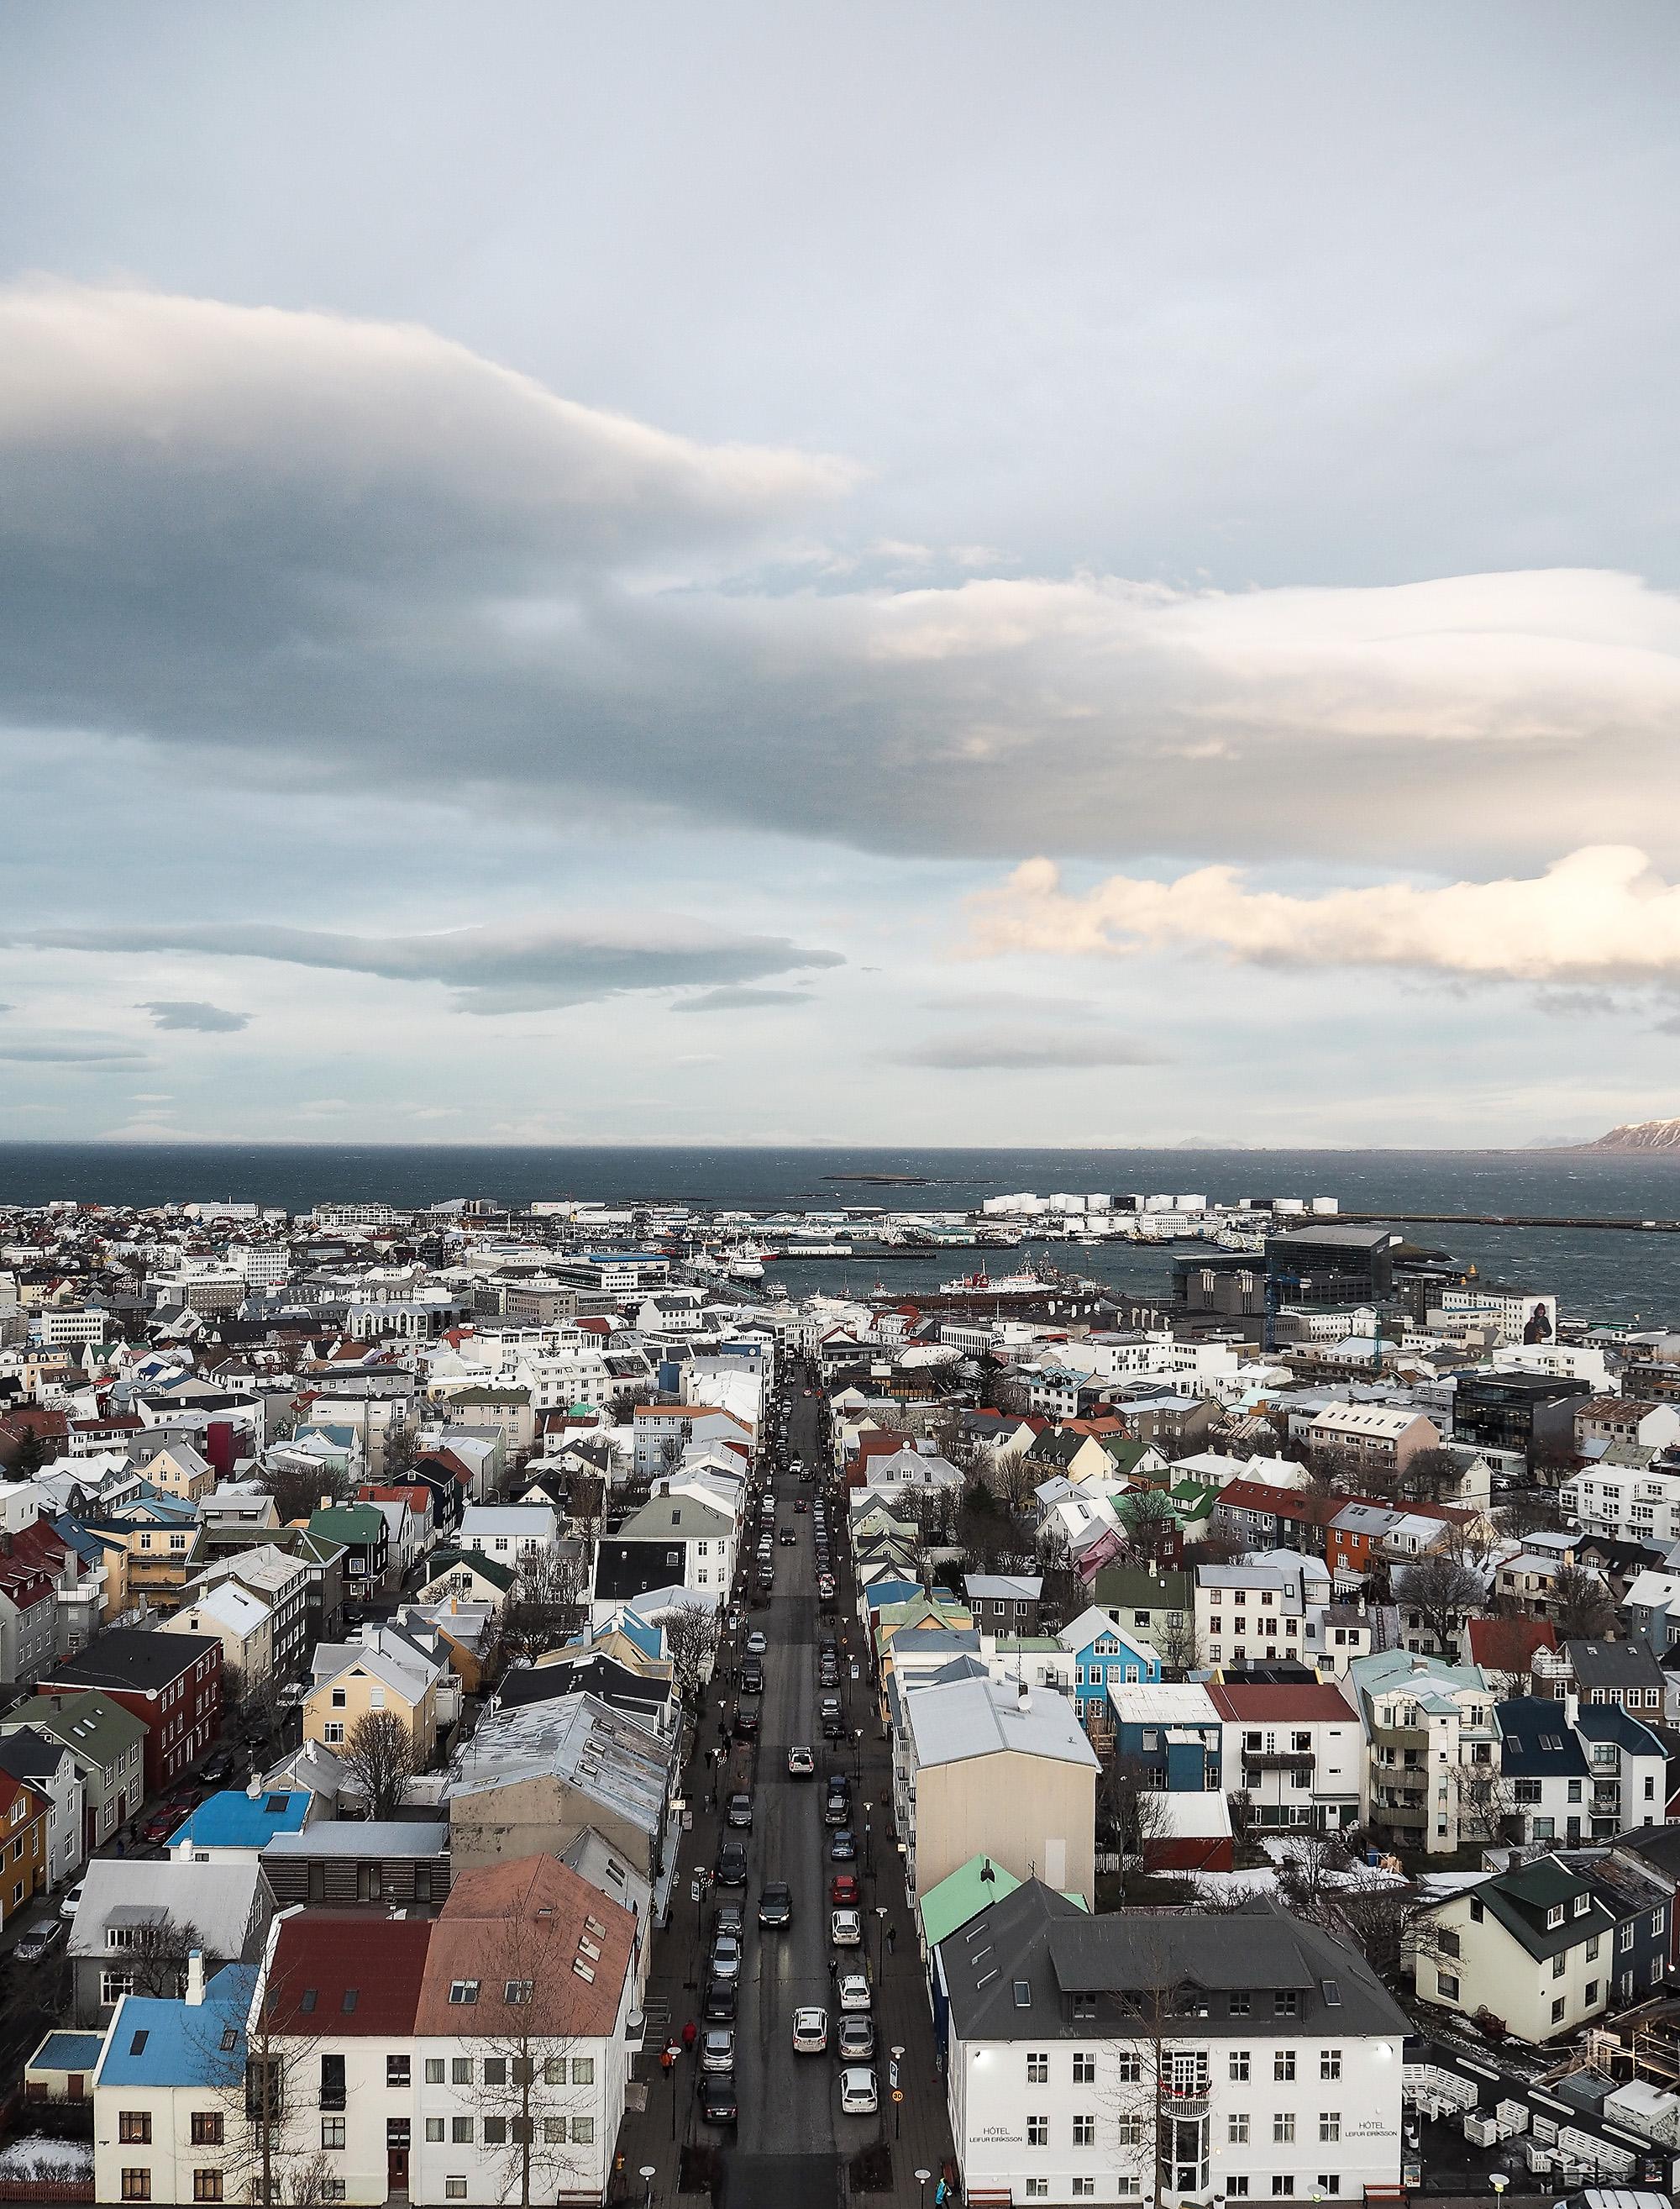 A view from Hallgrímskirkja church Iceland